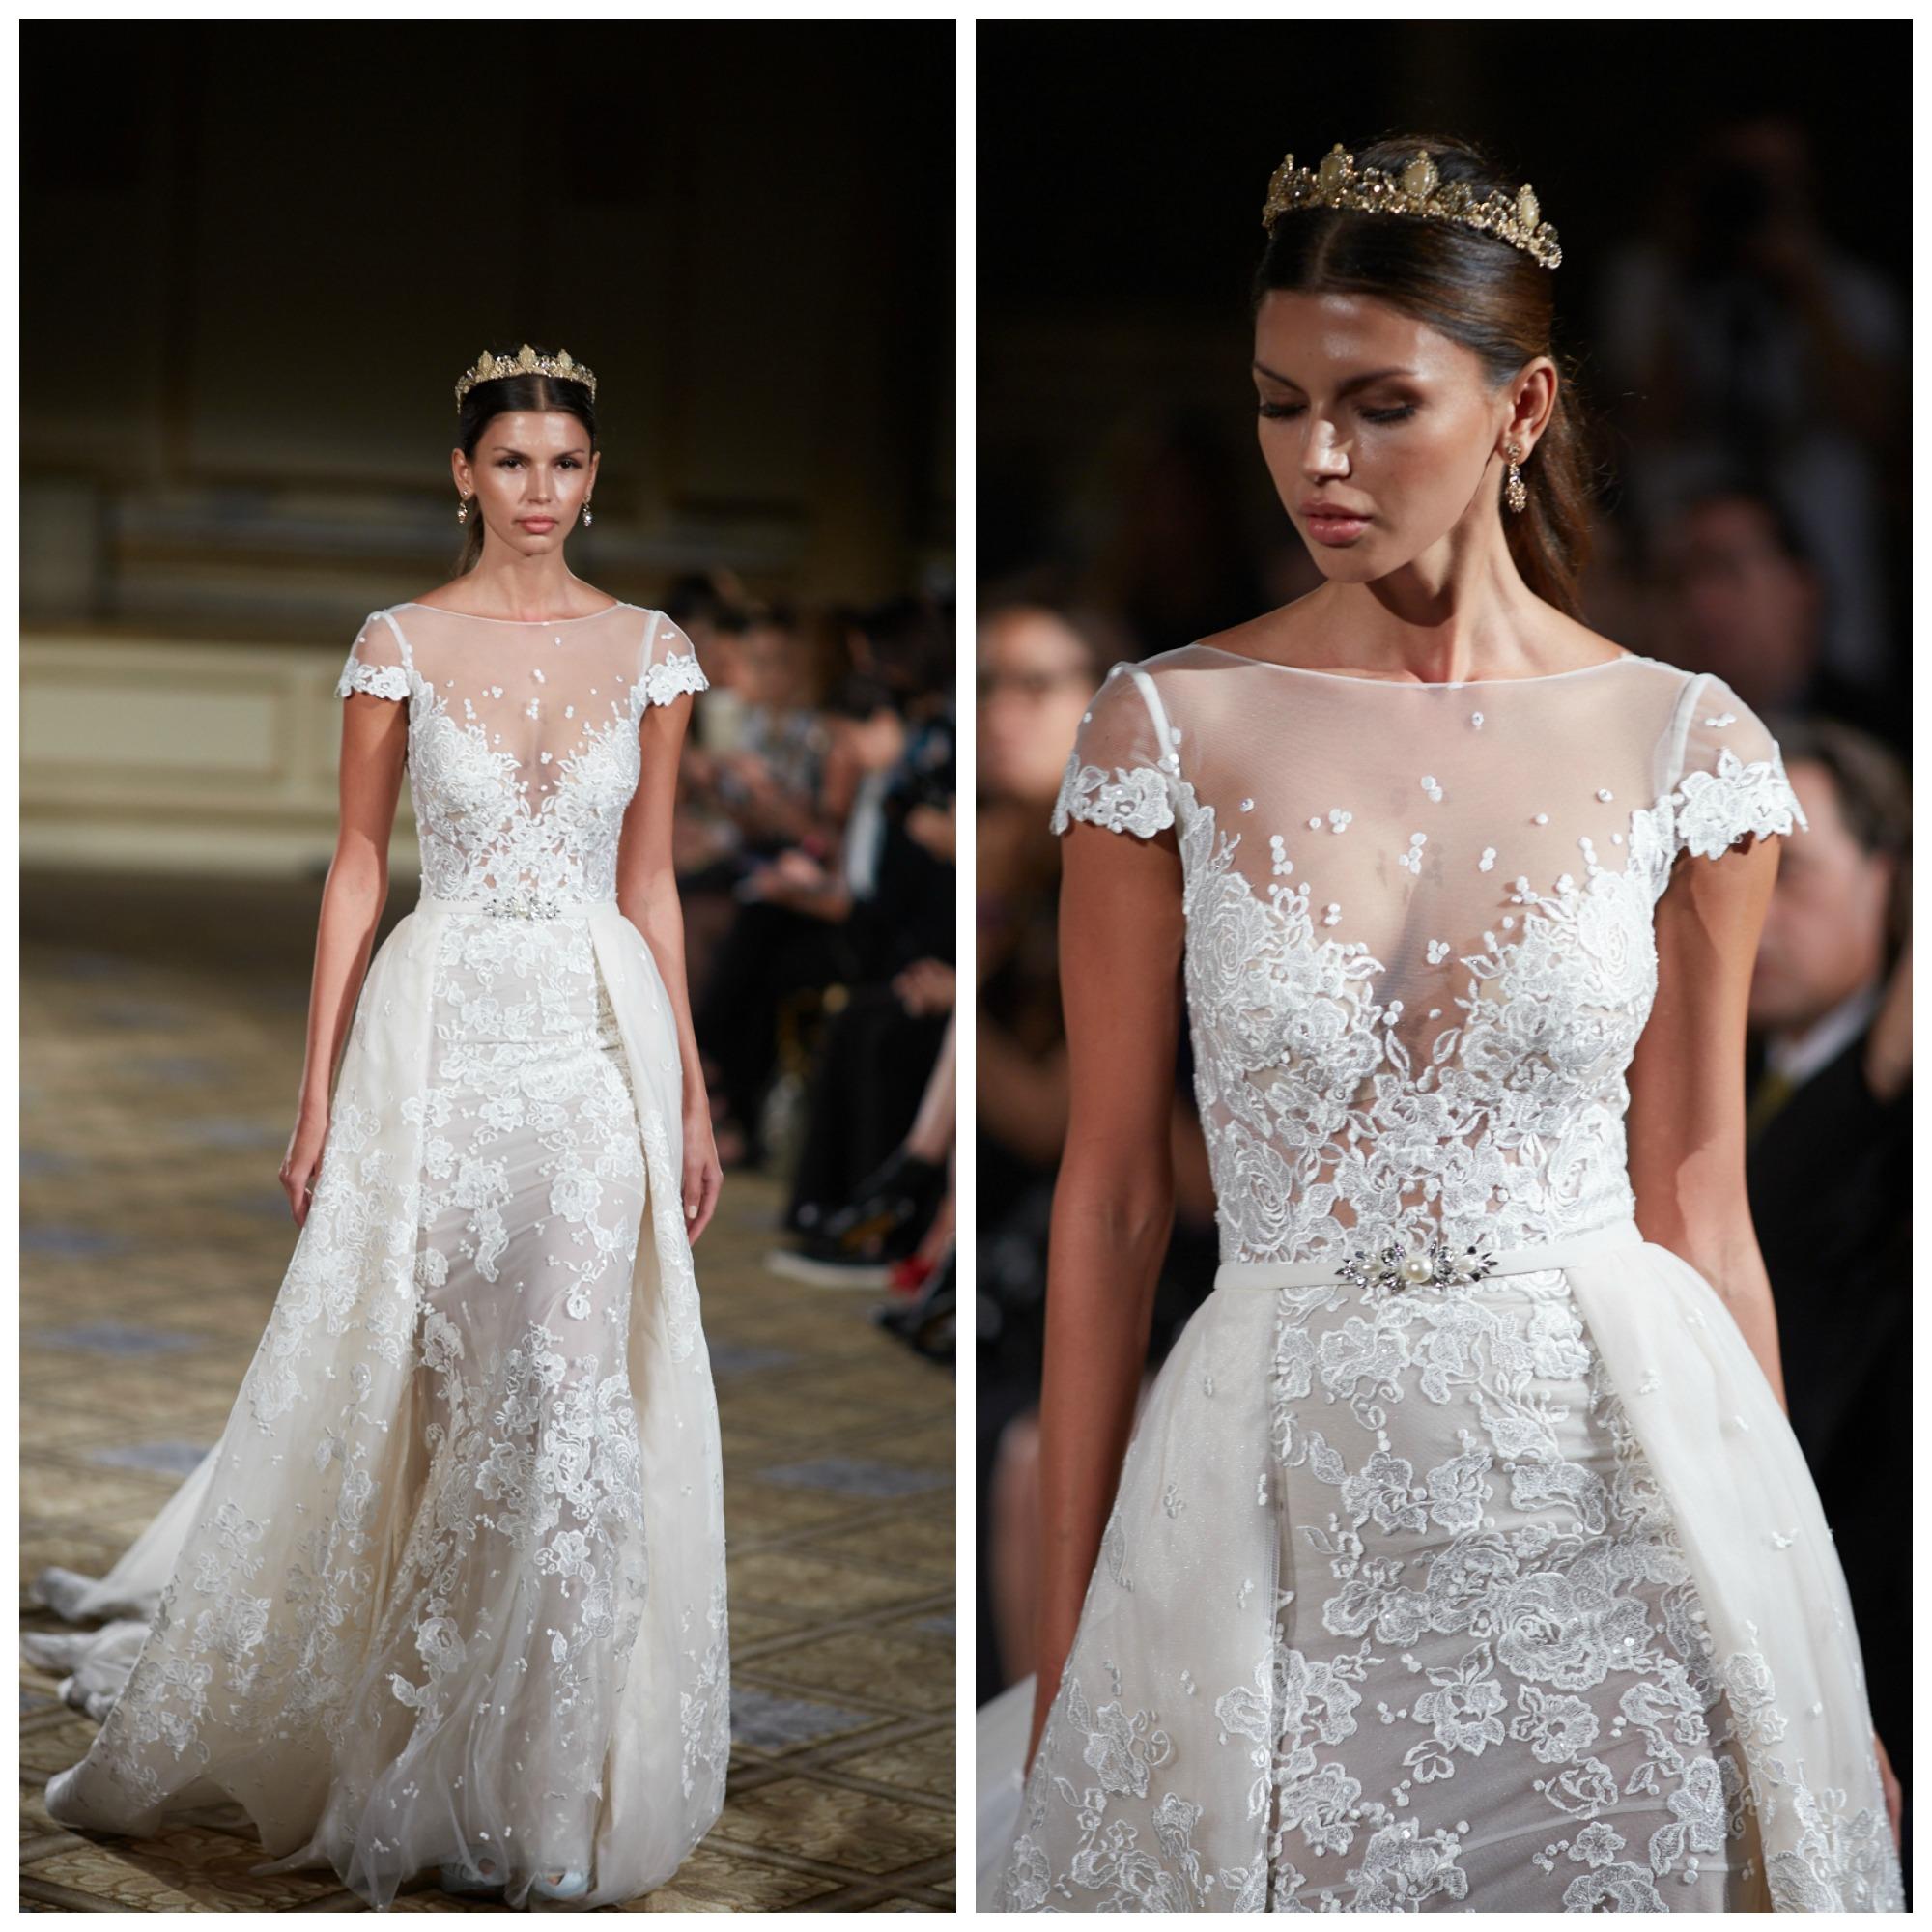 Wedding Gowns In Nyc: BERTA BRIDAL FALL 2016 RUNWAY SHOW NEW YORK BRIDAL FASHION